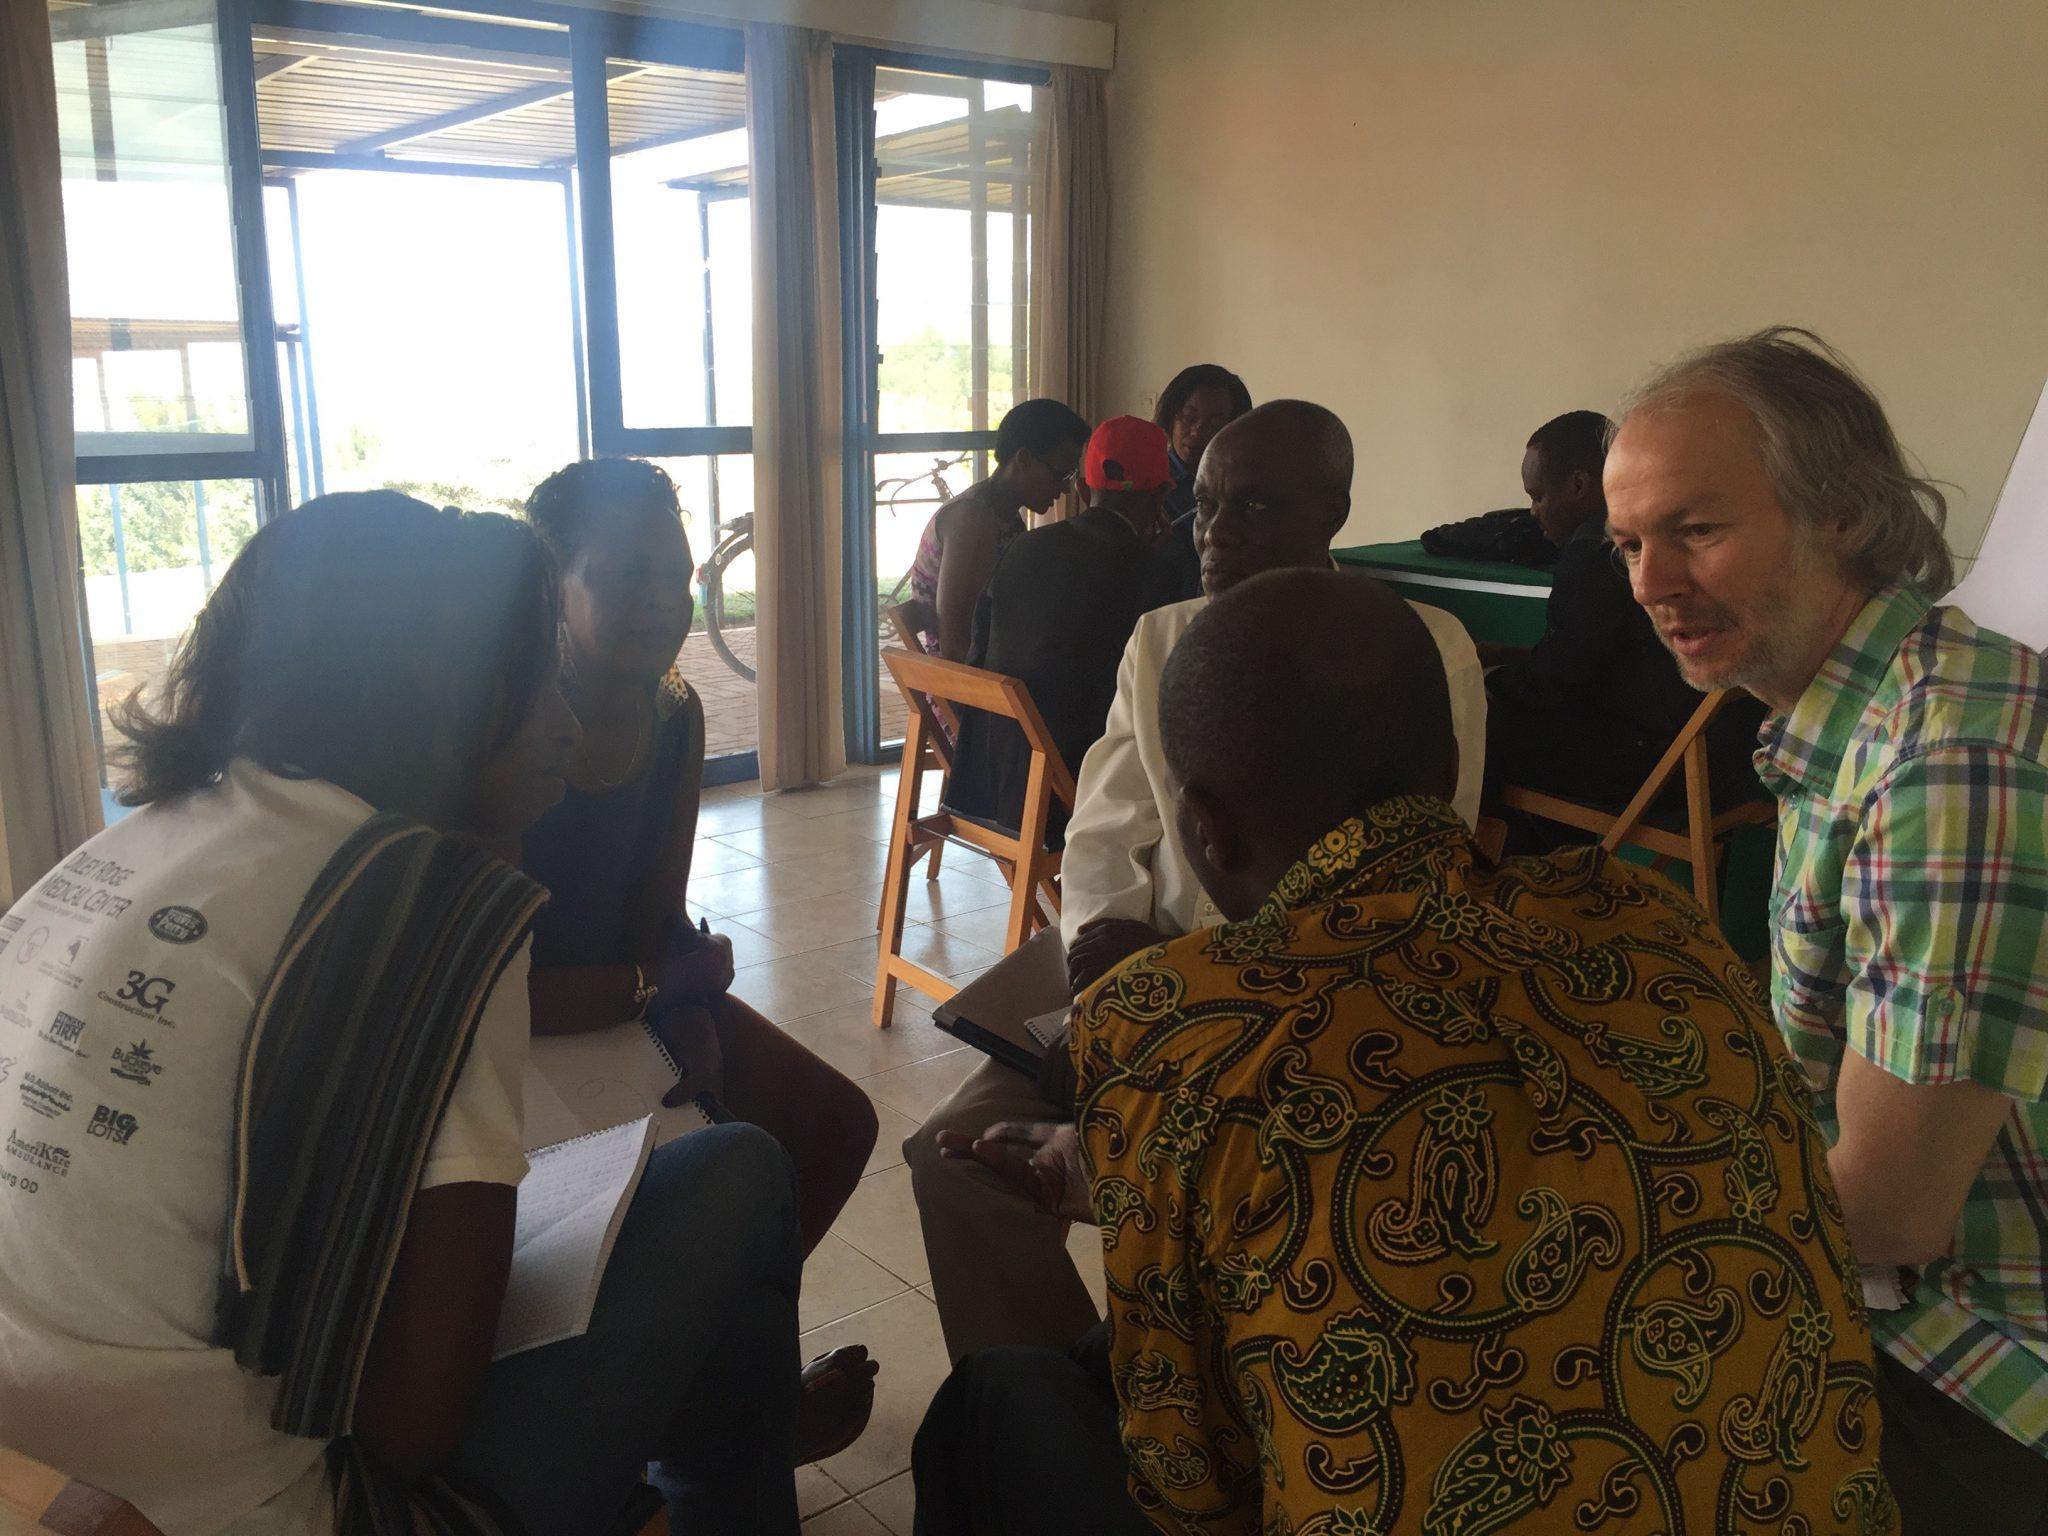 31-rwanda-forum-small-groups-4772